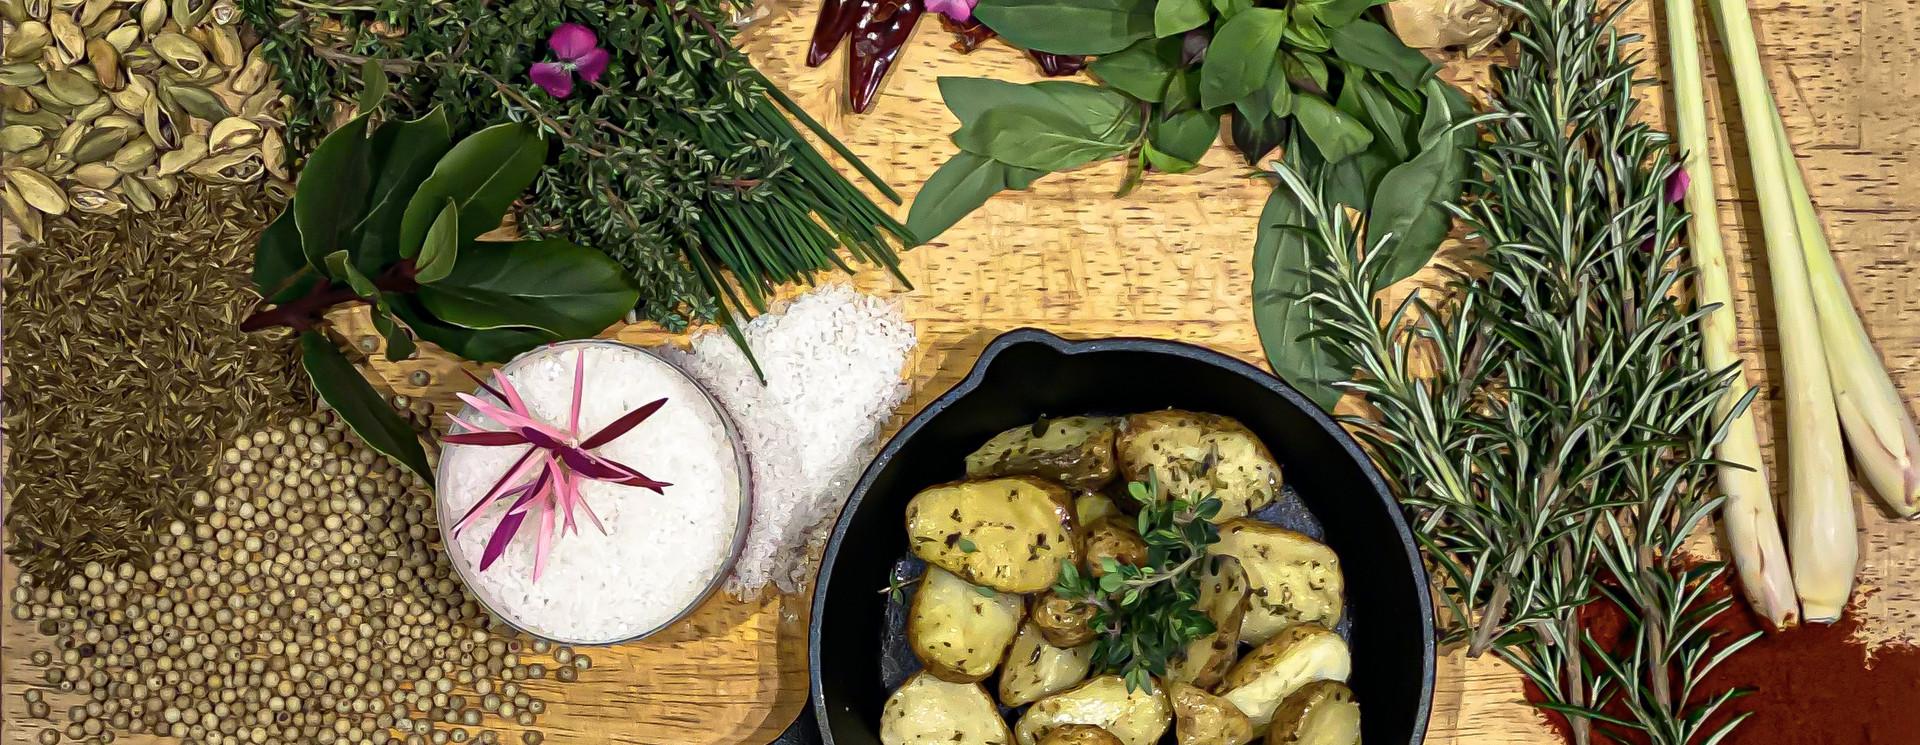 Aardappelproducten